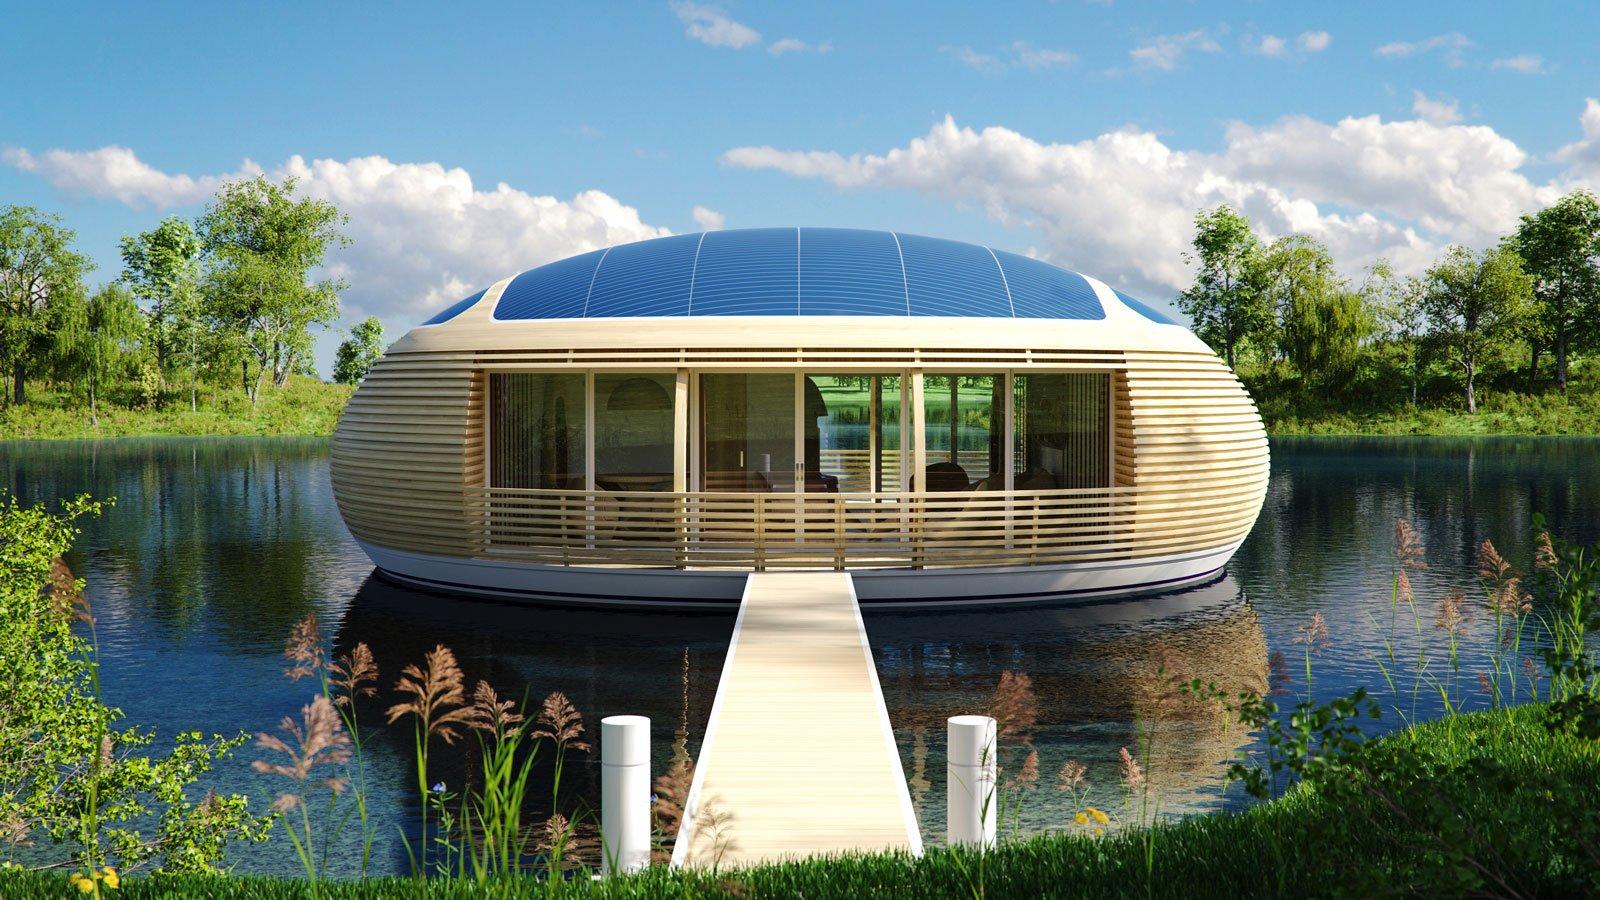 Una casa ecologica sospesa sull acqua cose di casa - Casa ecologica autosufficiente ...